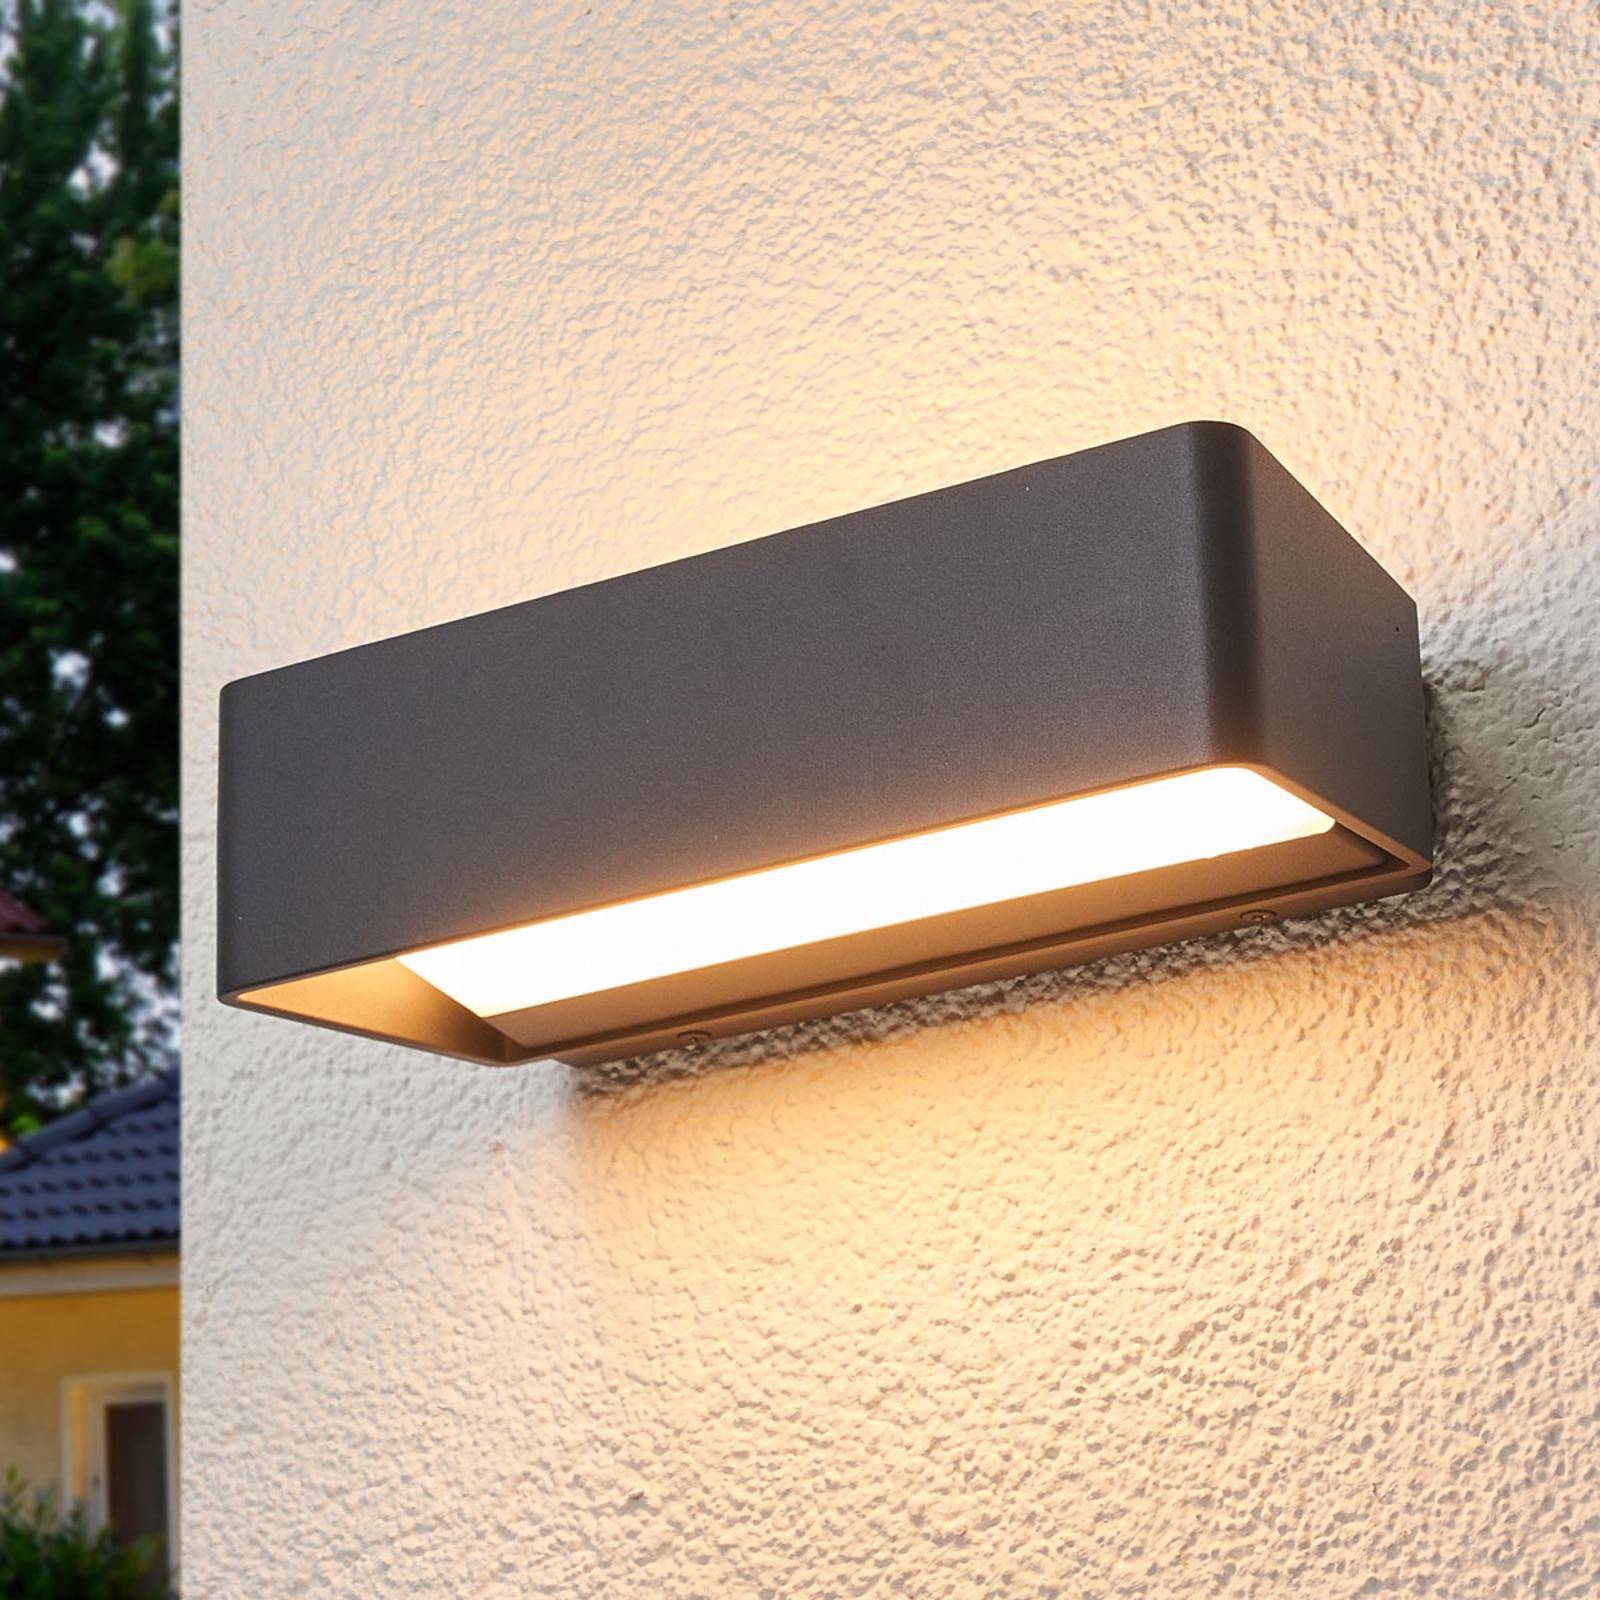 Logan – prosty, zewnętrzny kinkiet LED, IP65